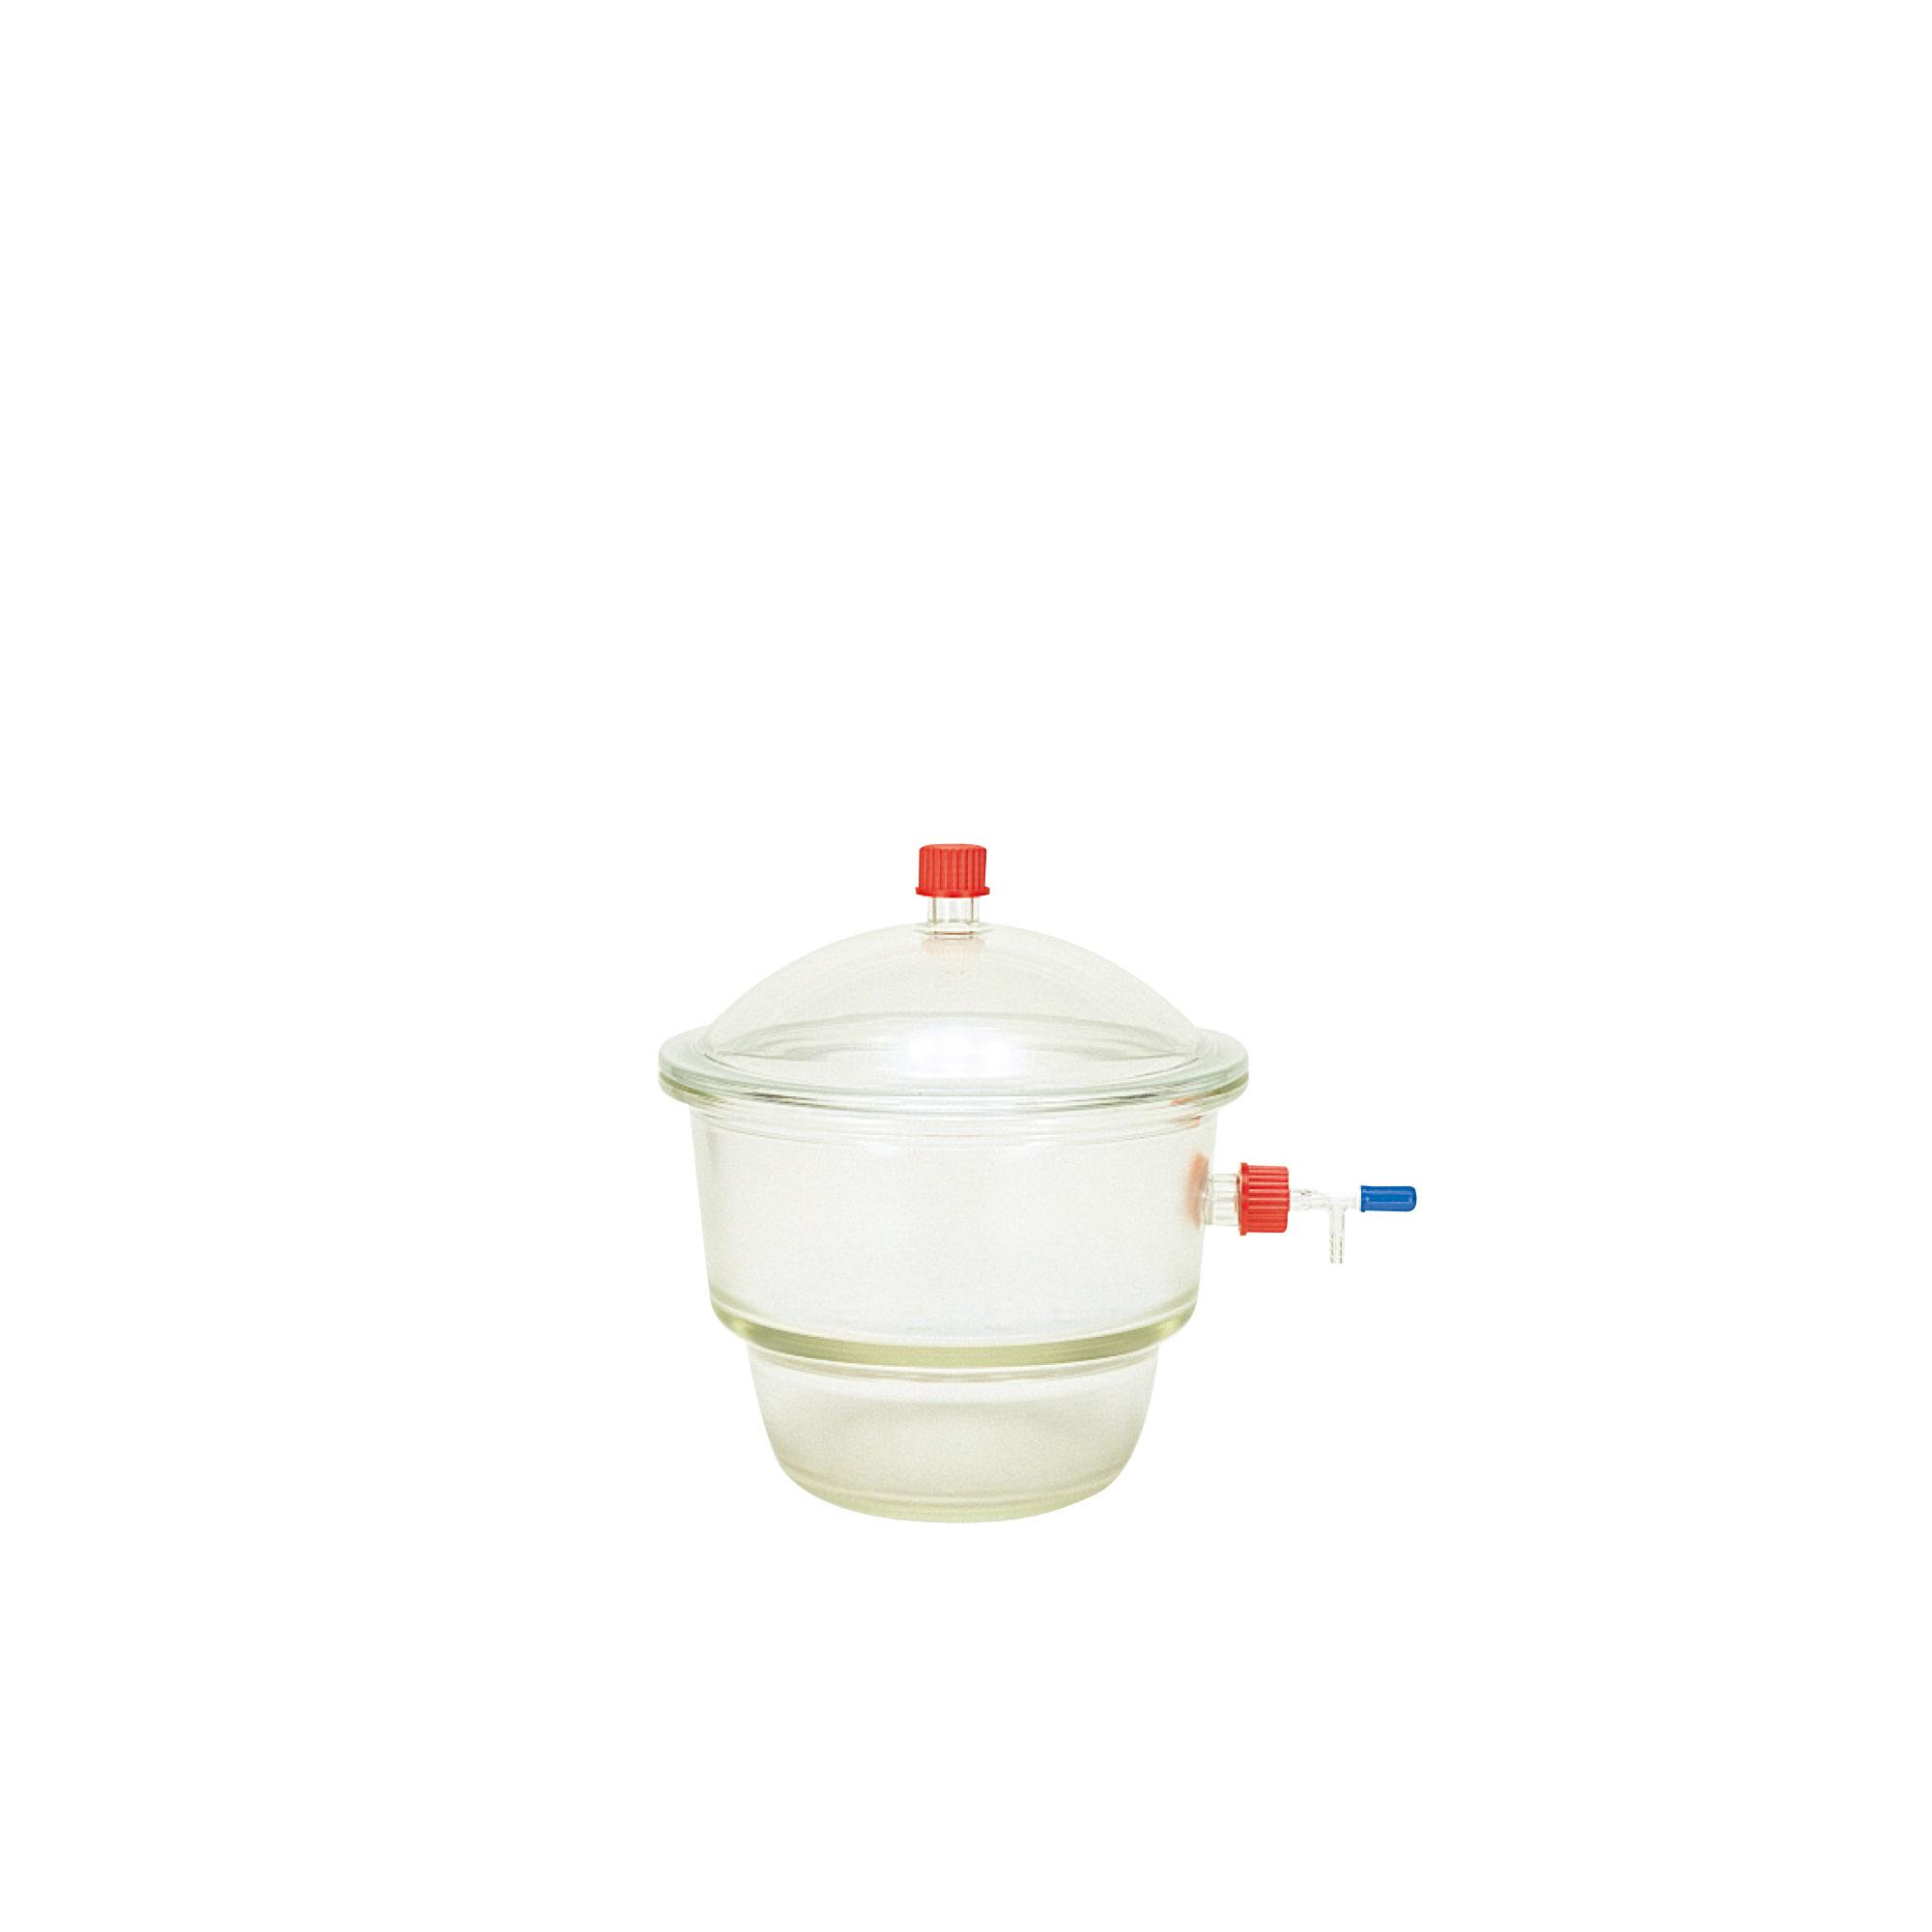 017450-250 DURAN ねじ口デシケーター 横口 コック付 中板 プラスチックキャップ付 GL-32 No.250 柴田科学(SIBATA)